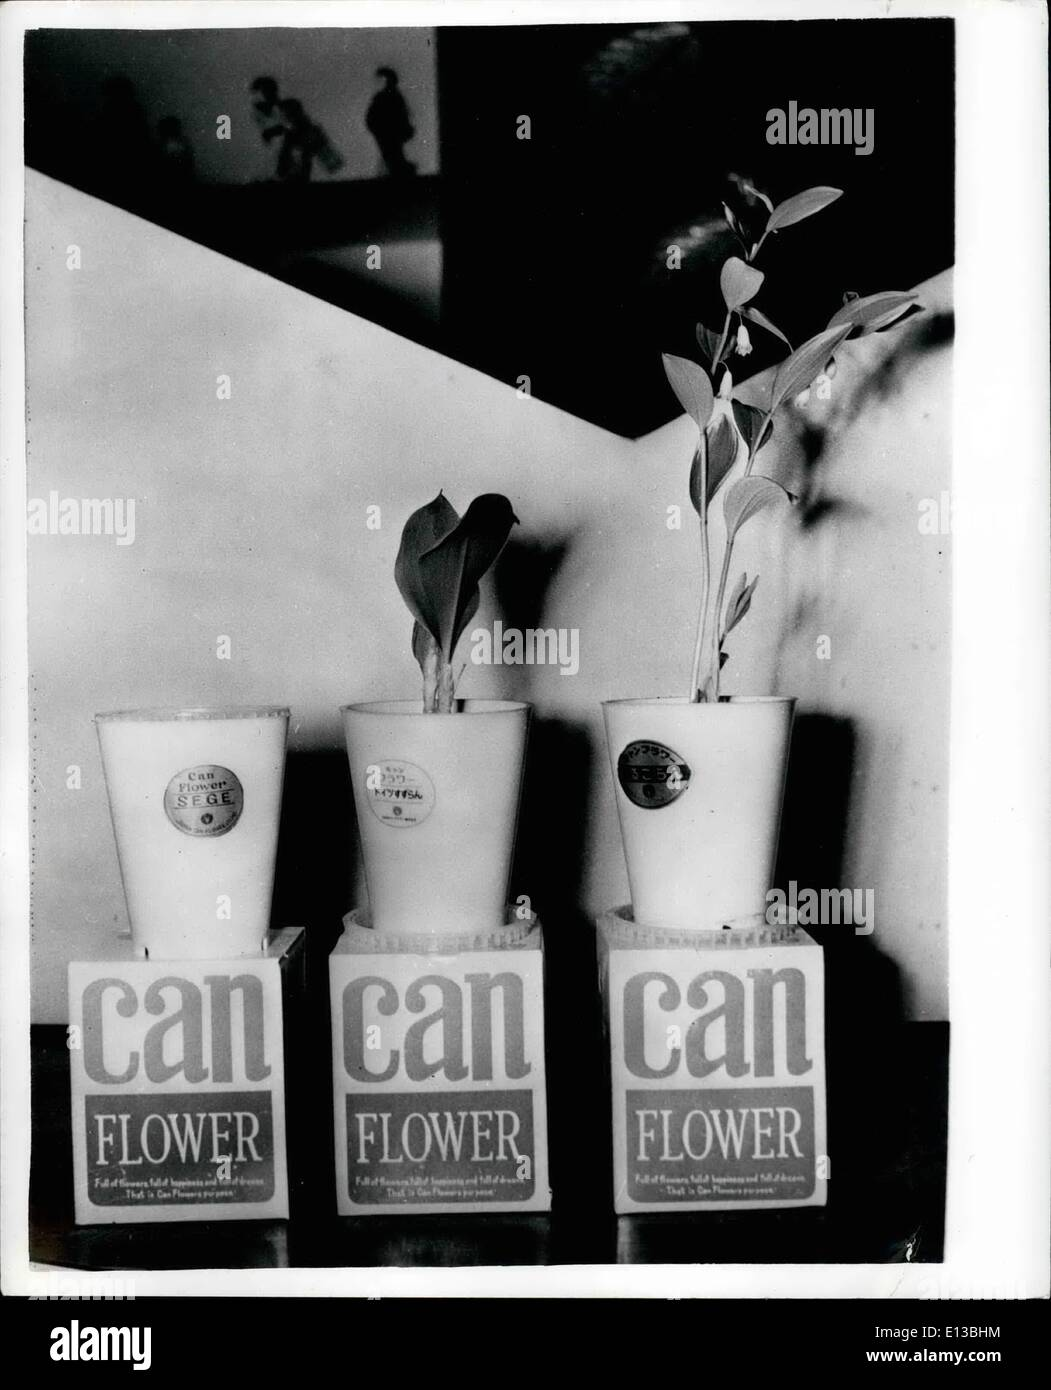 29 février 2012 - Donner à la personne que vous aimez une fleur en conserve - hommes timides peuvent éviter d'être taquiné quand ils portent un bouquet de fleurs à leurs épouses ou fiancées en public maintenant qu'une société japonaise est de mettre des fleurs en conserve sur le marché. Les contenants de plastique qui sont scellées hermétiquement tenir terre fertilisés spécialement avec des graines ou des bulbes. Tout ce que vous avez à faire est d'ouvrir le récipient et l'eau. Photo montre: les fleurs en conserve sur l'affichage à l'Osaka Commerce de f*airf montrant un contenant et non les deux autres à différents stades de croissance. Photo Stock